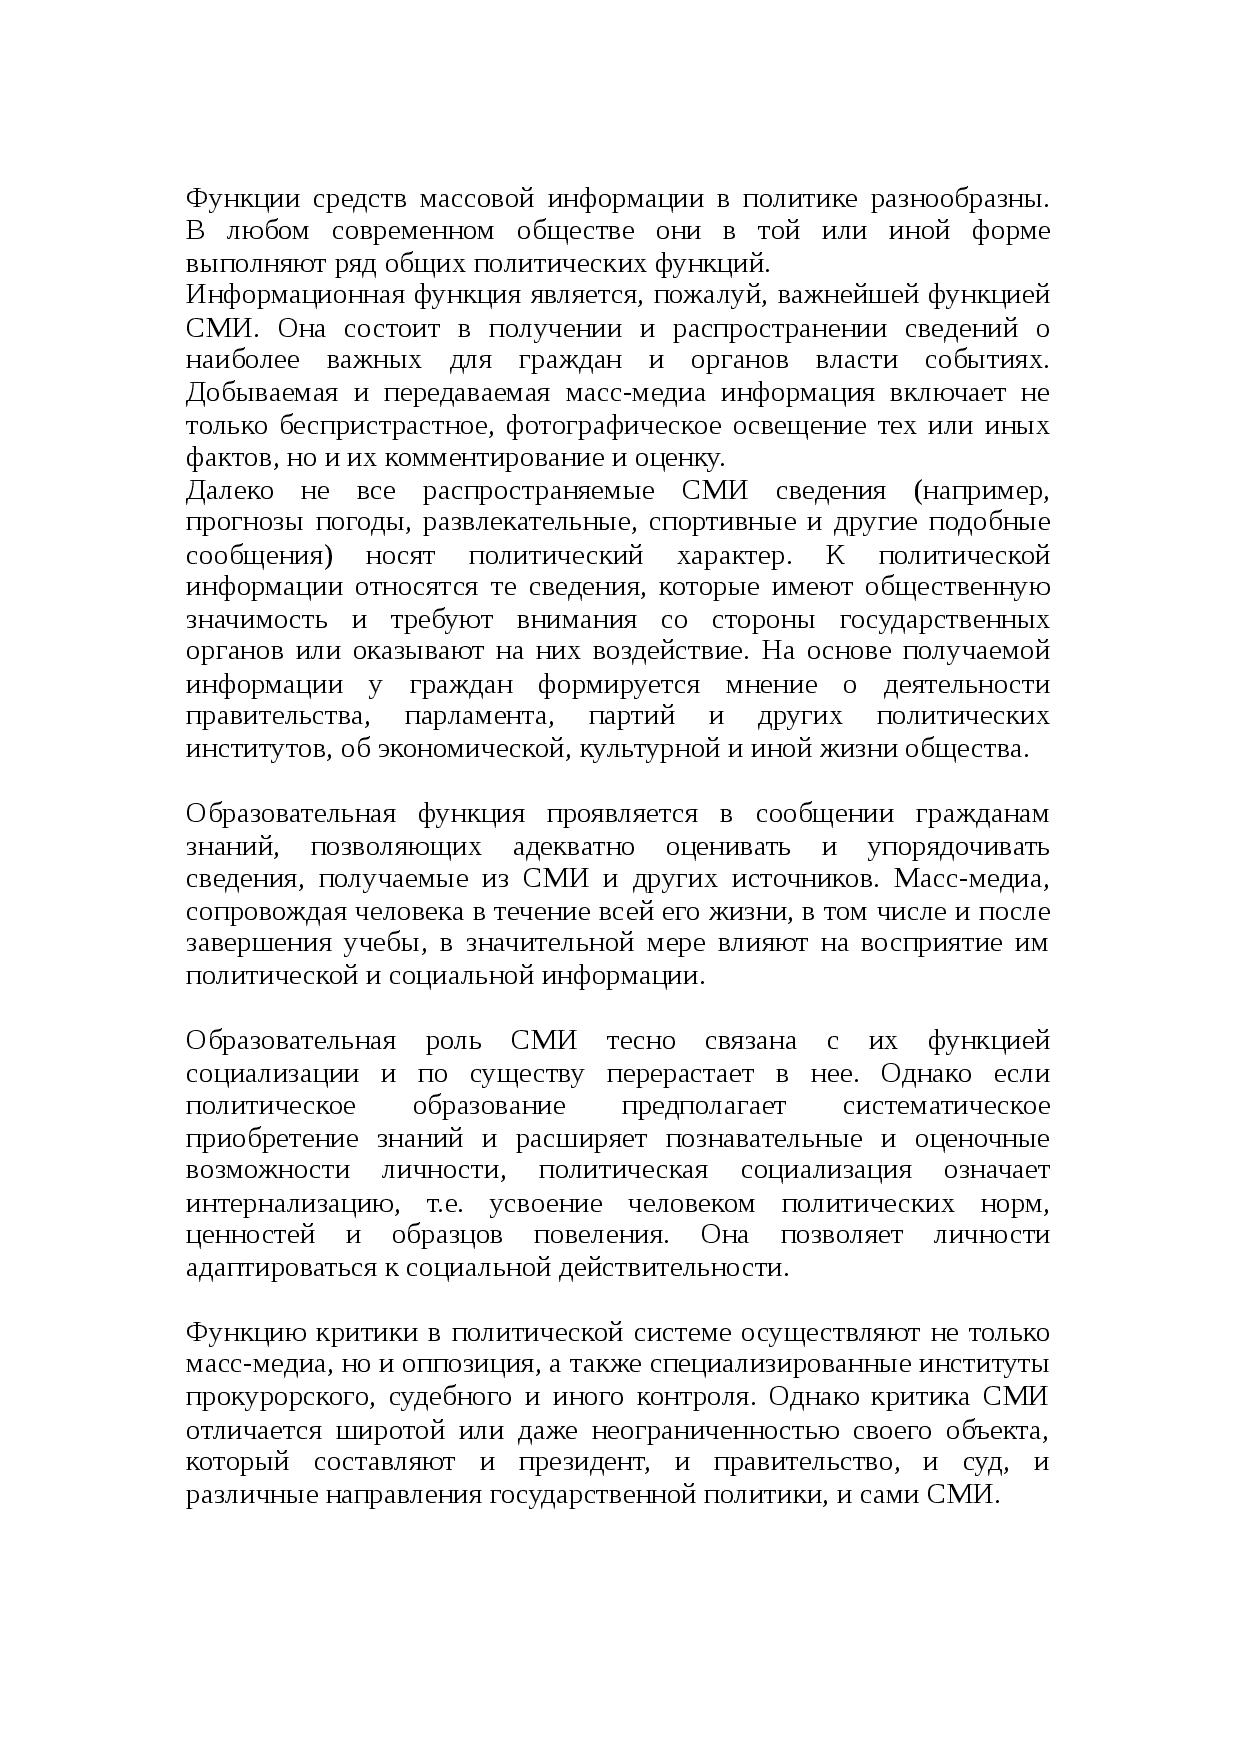 история партии единая россия